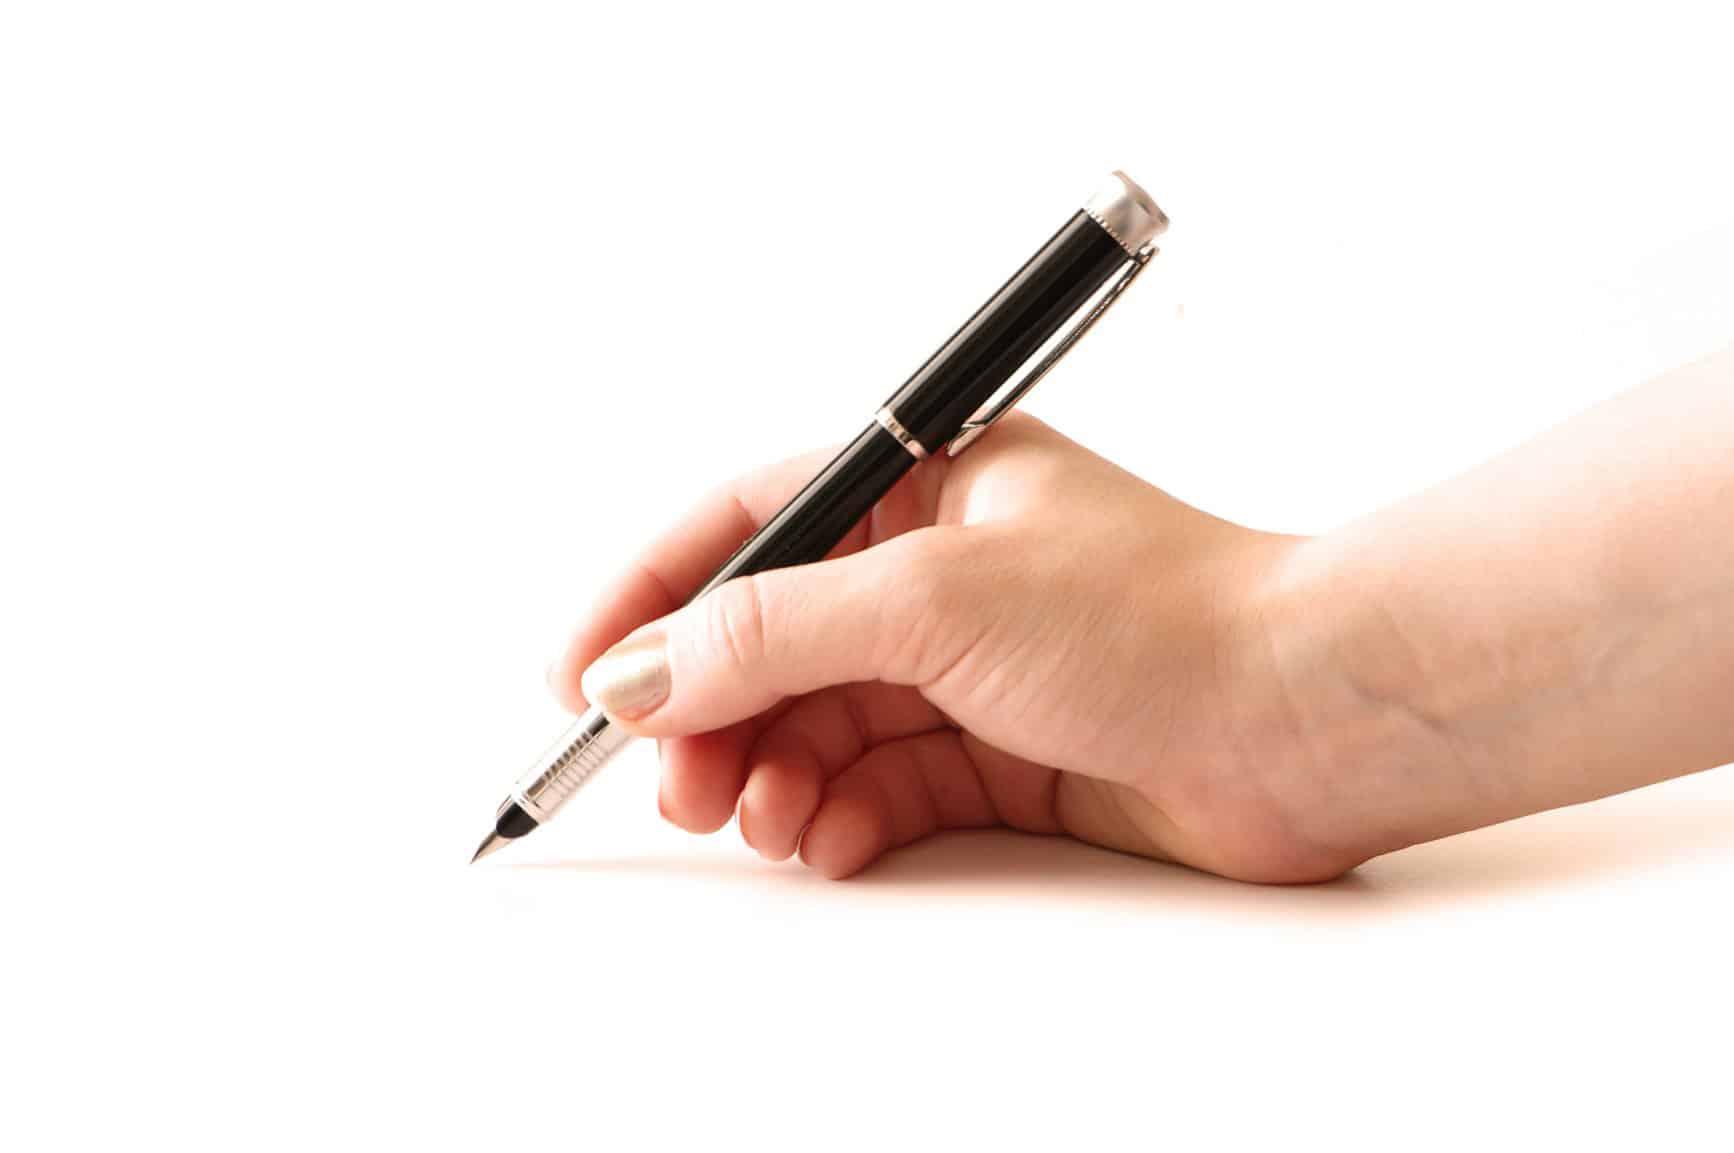 comment vendre un stylo en entretien d'embauche